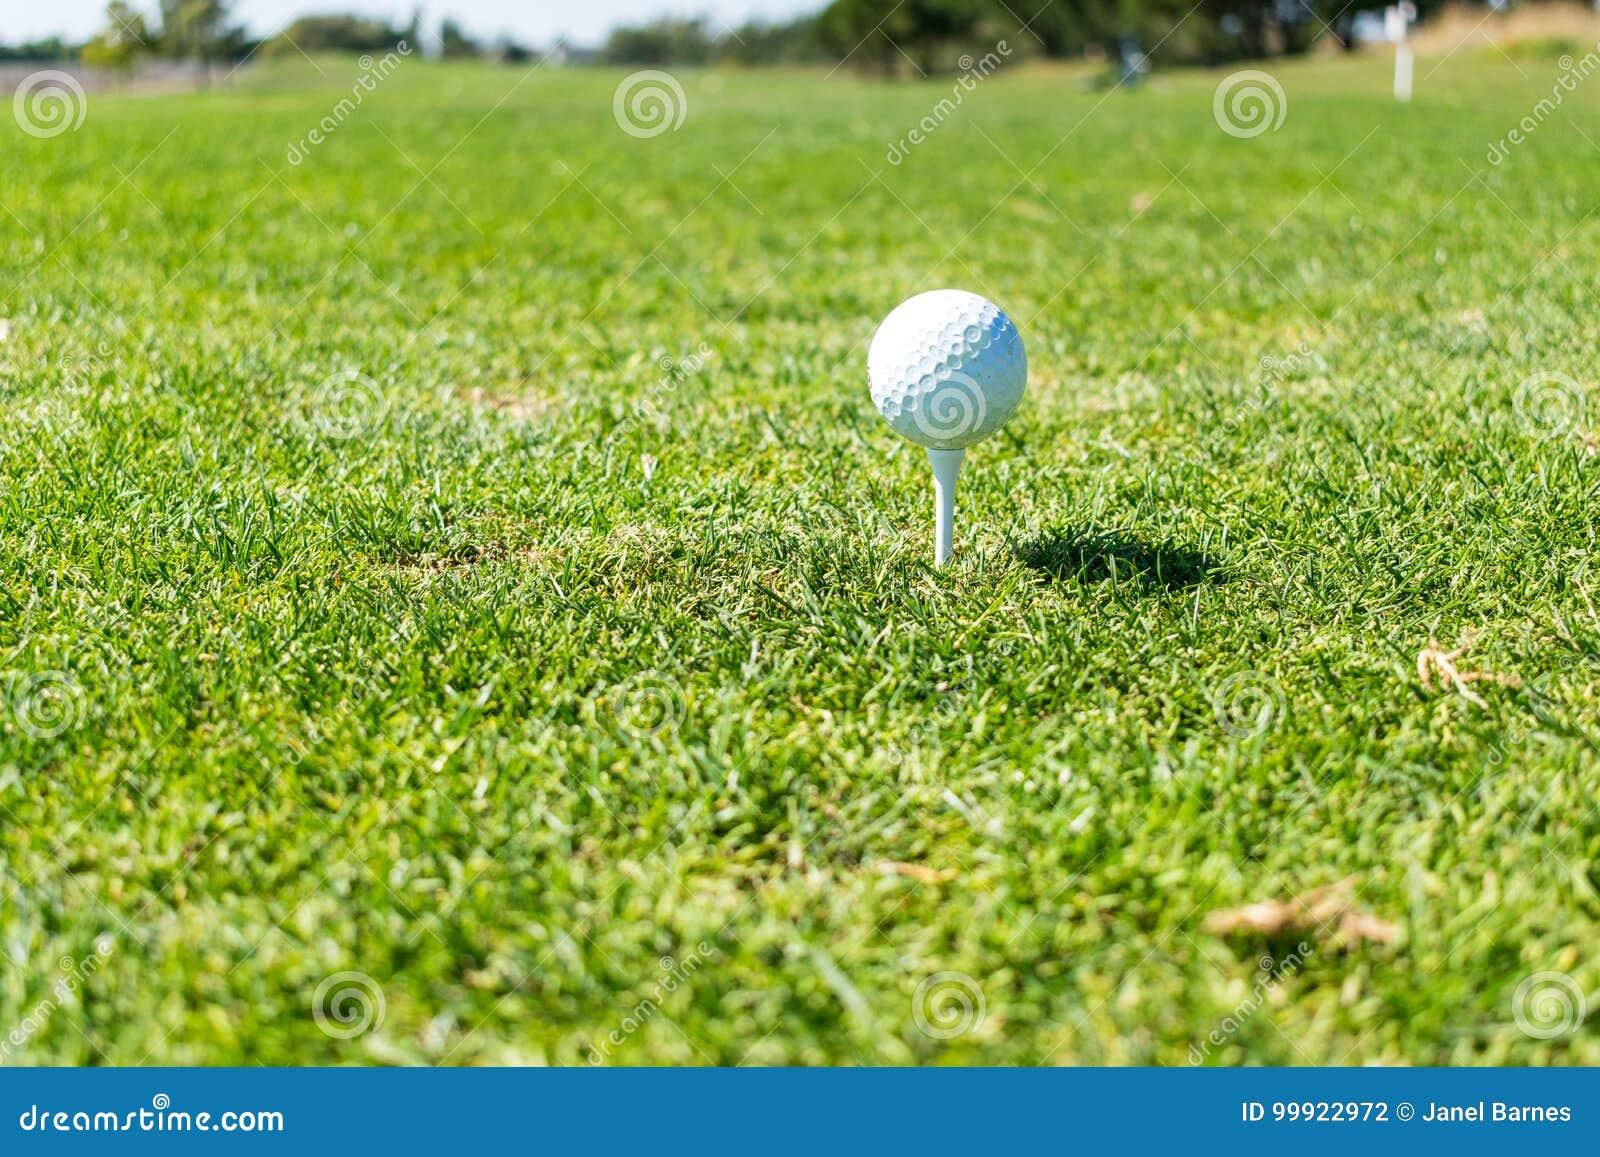 Boule de golf prête à piquer sur la pièce en t au terrain de golf